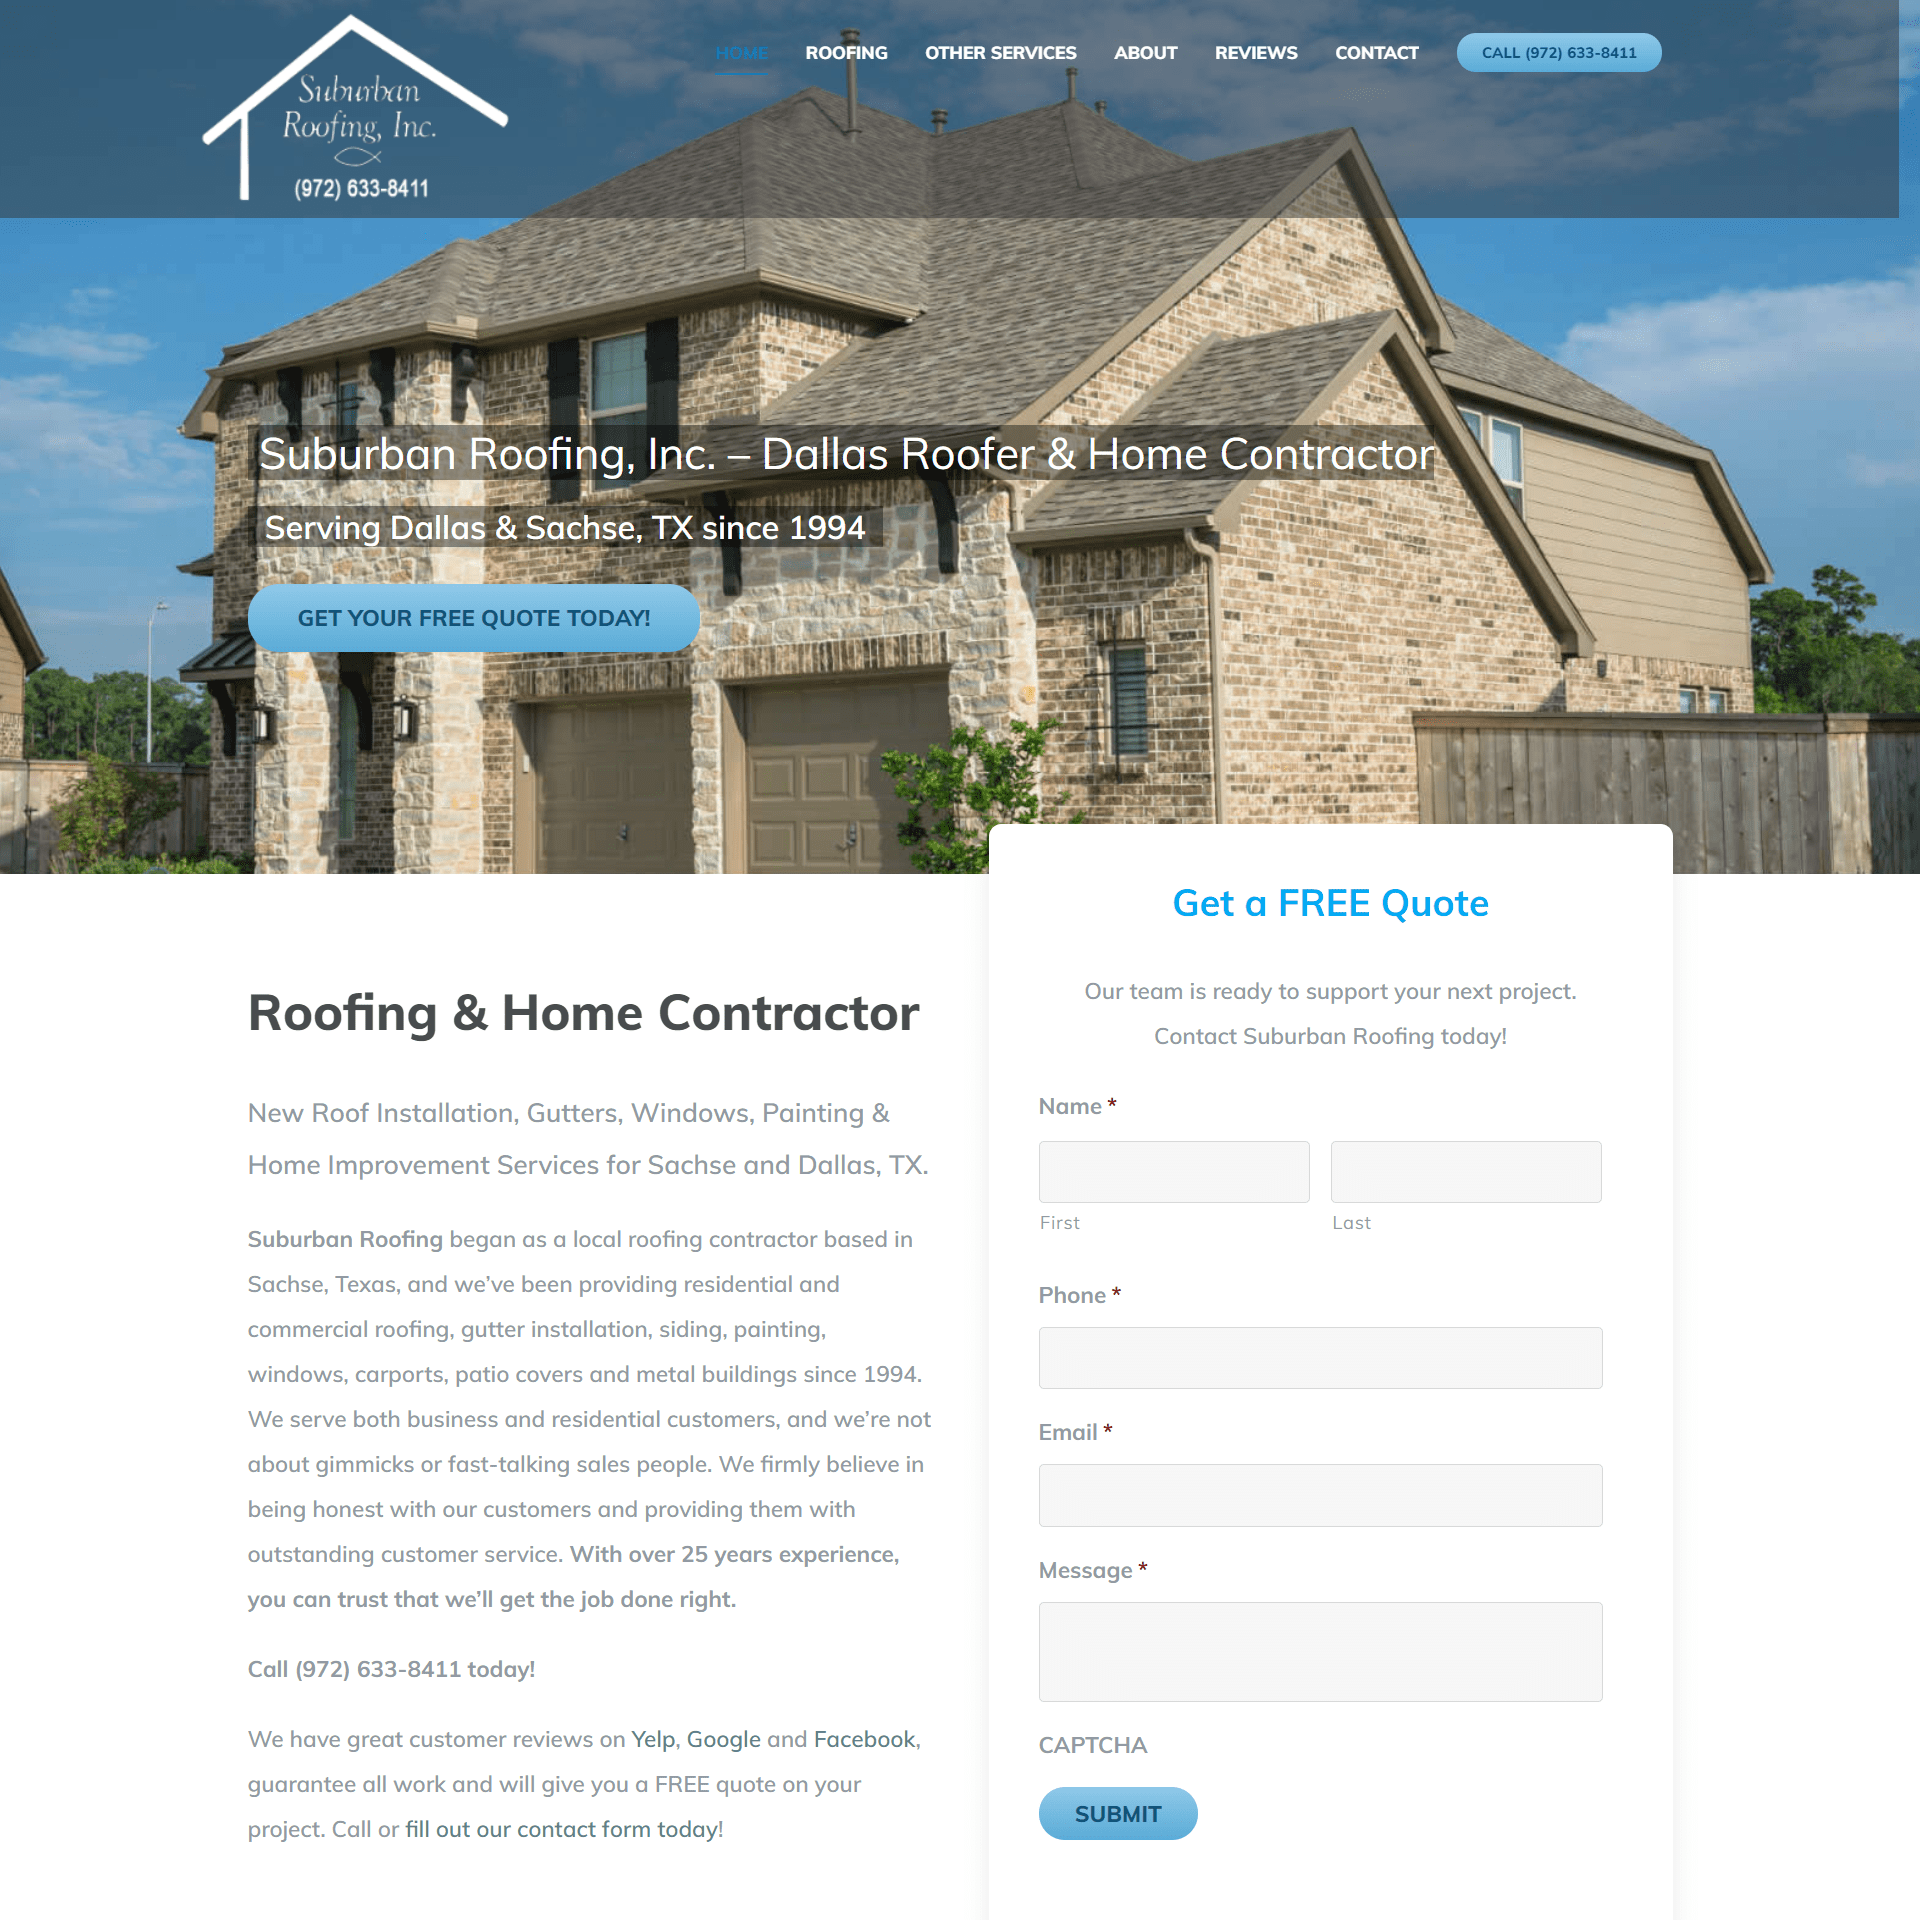 Suburban Roofing Website